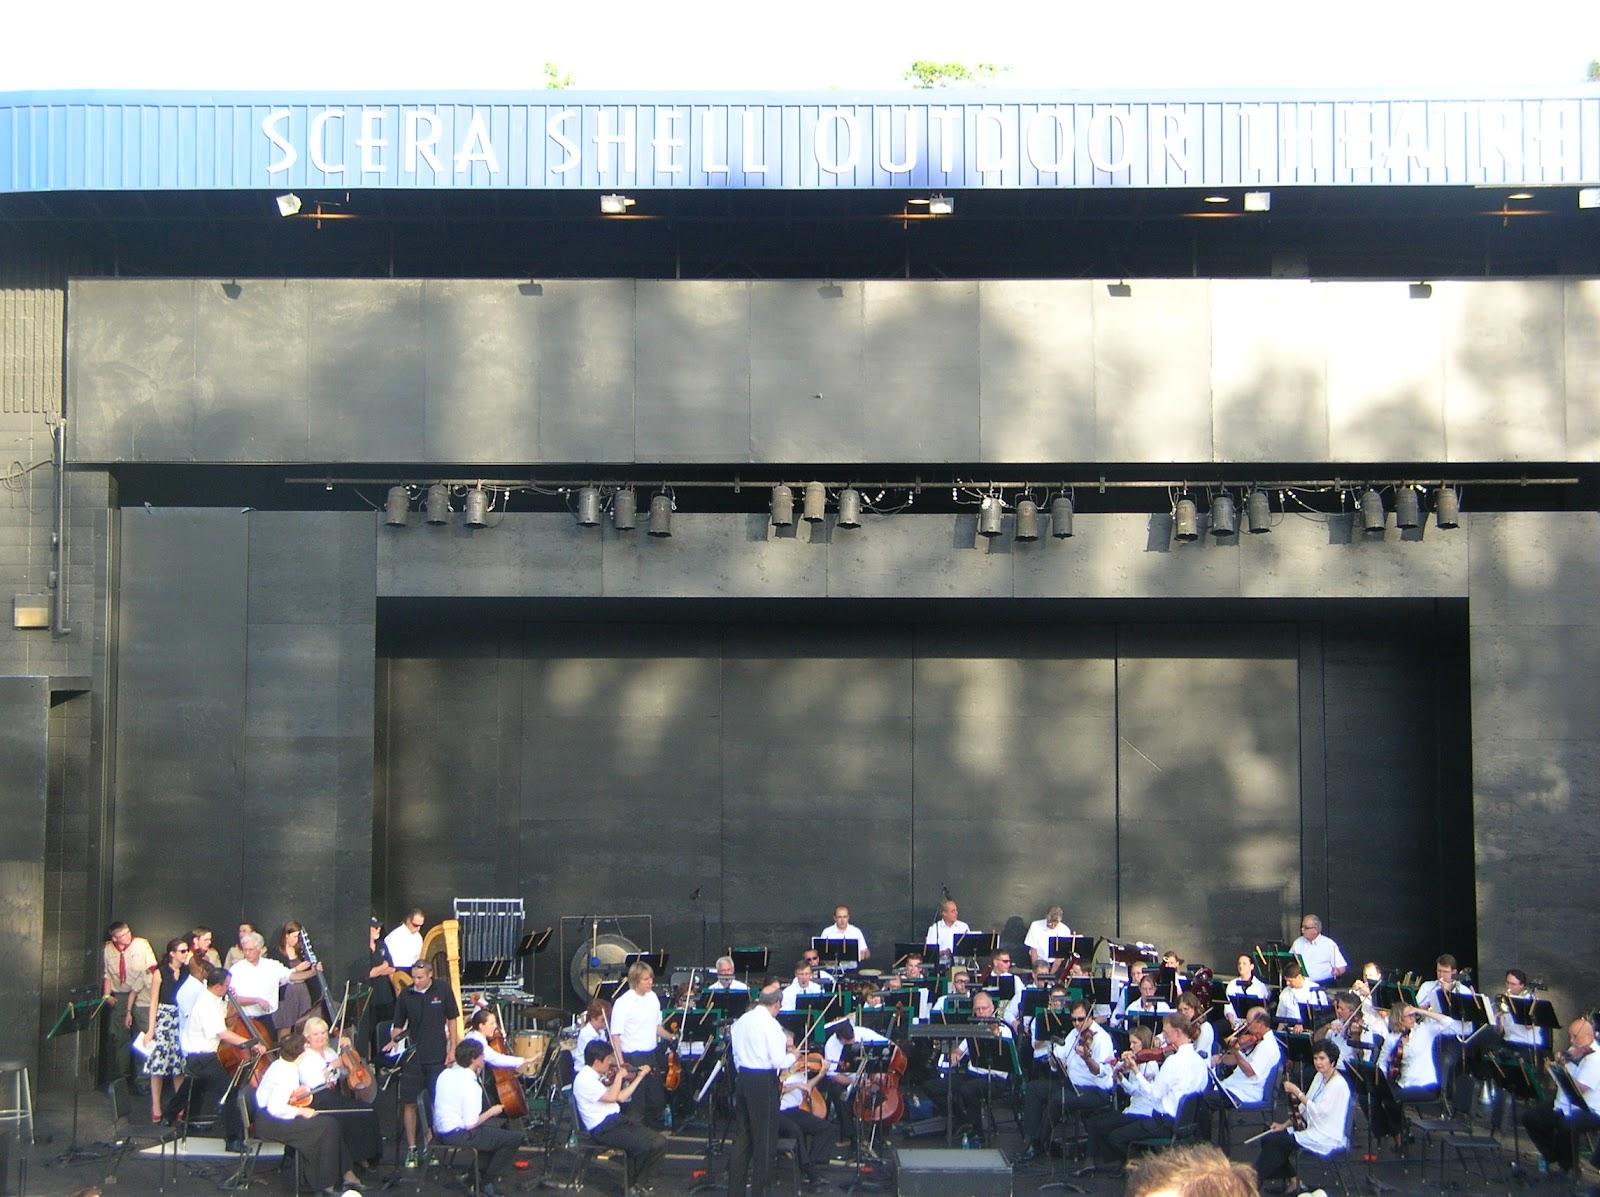 Utah Symphony and Utah Opera: a Merger Proposal